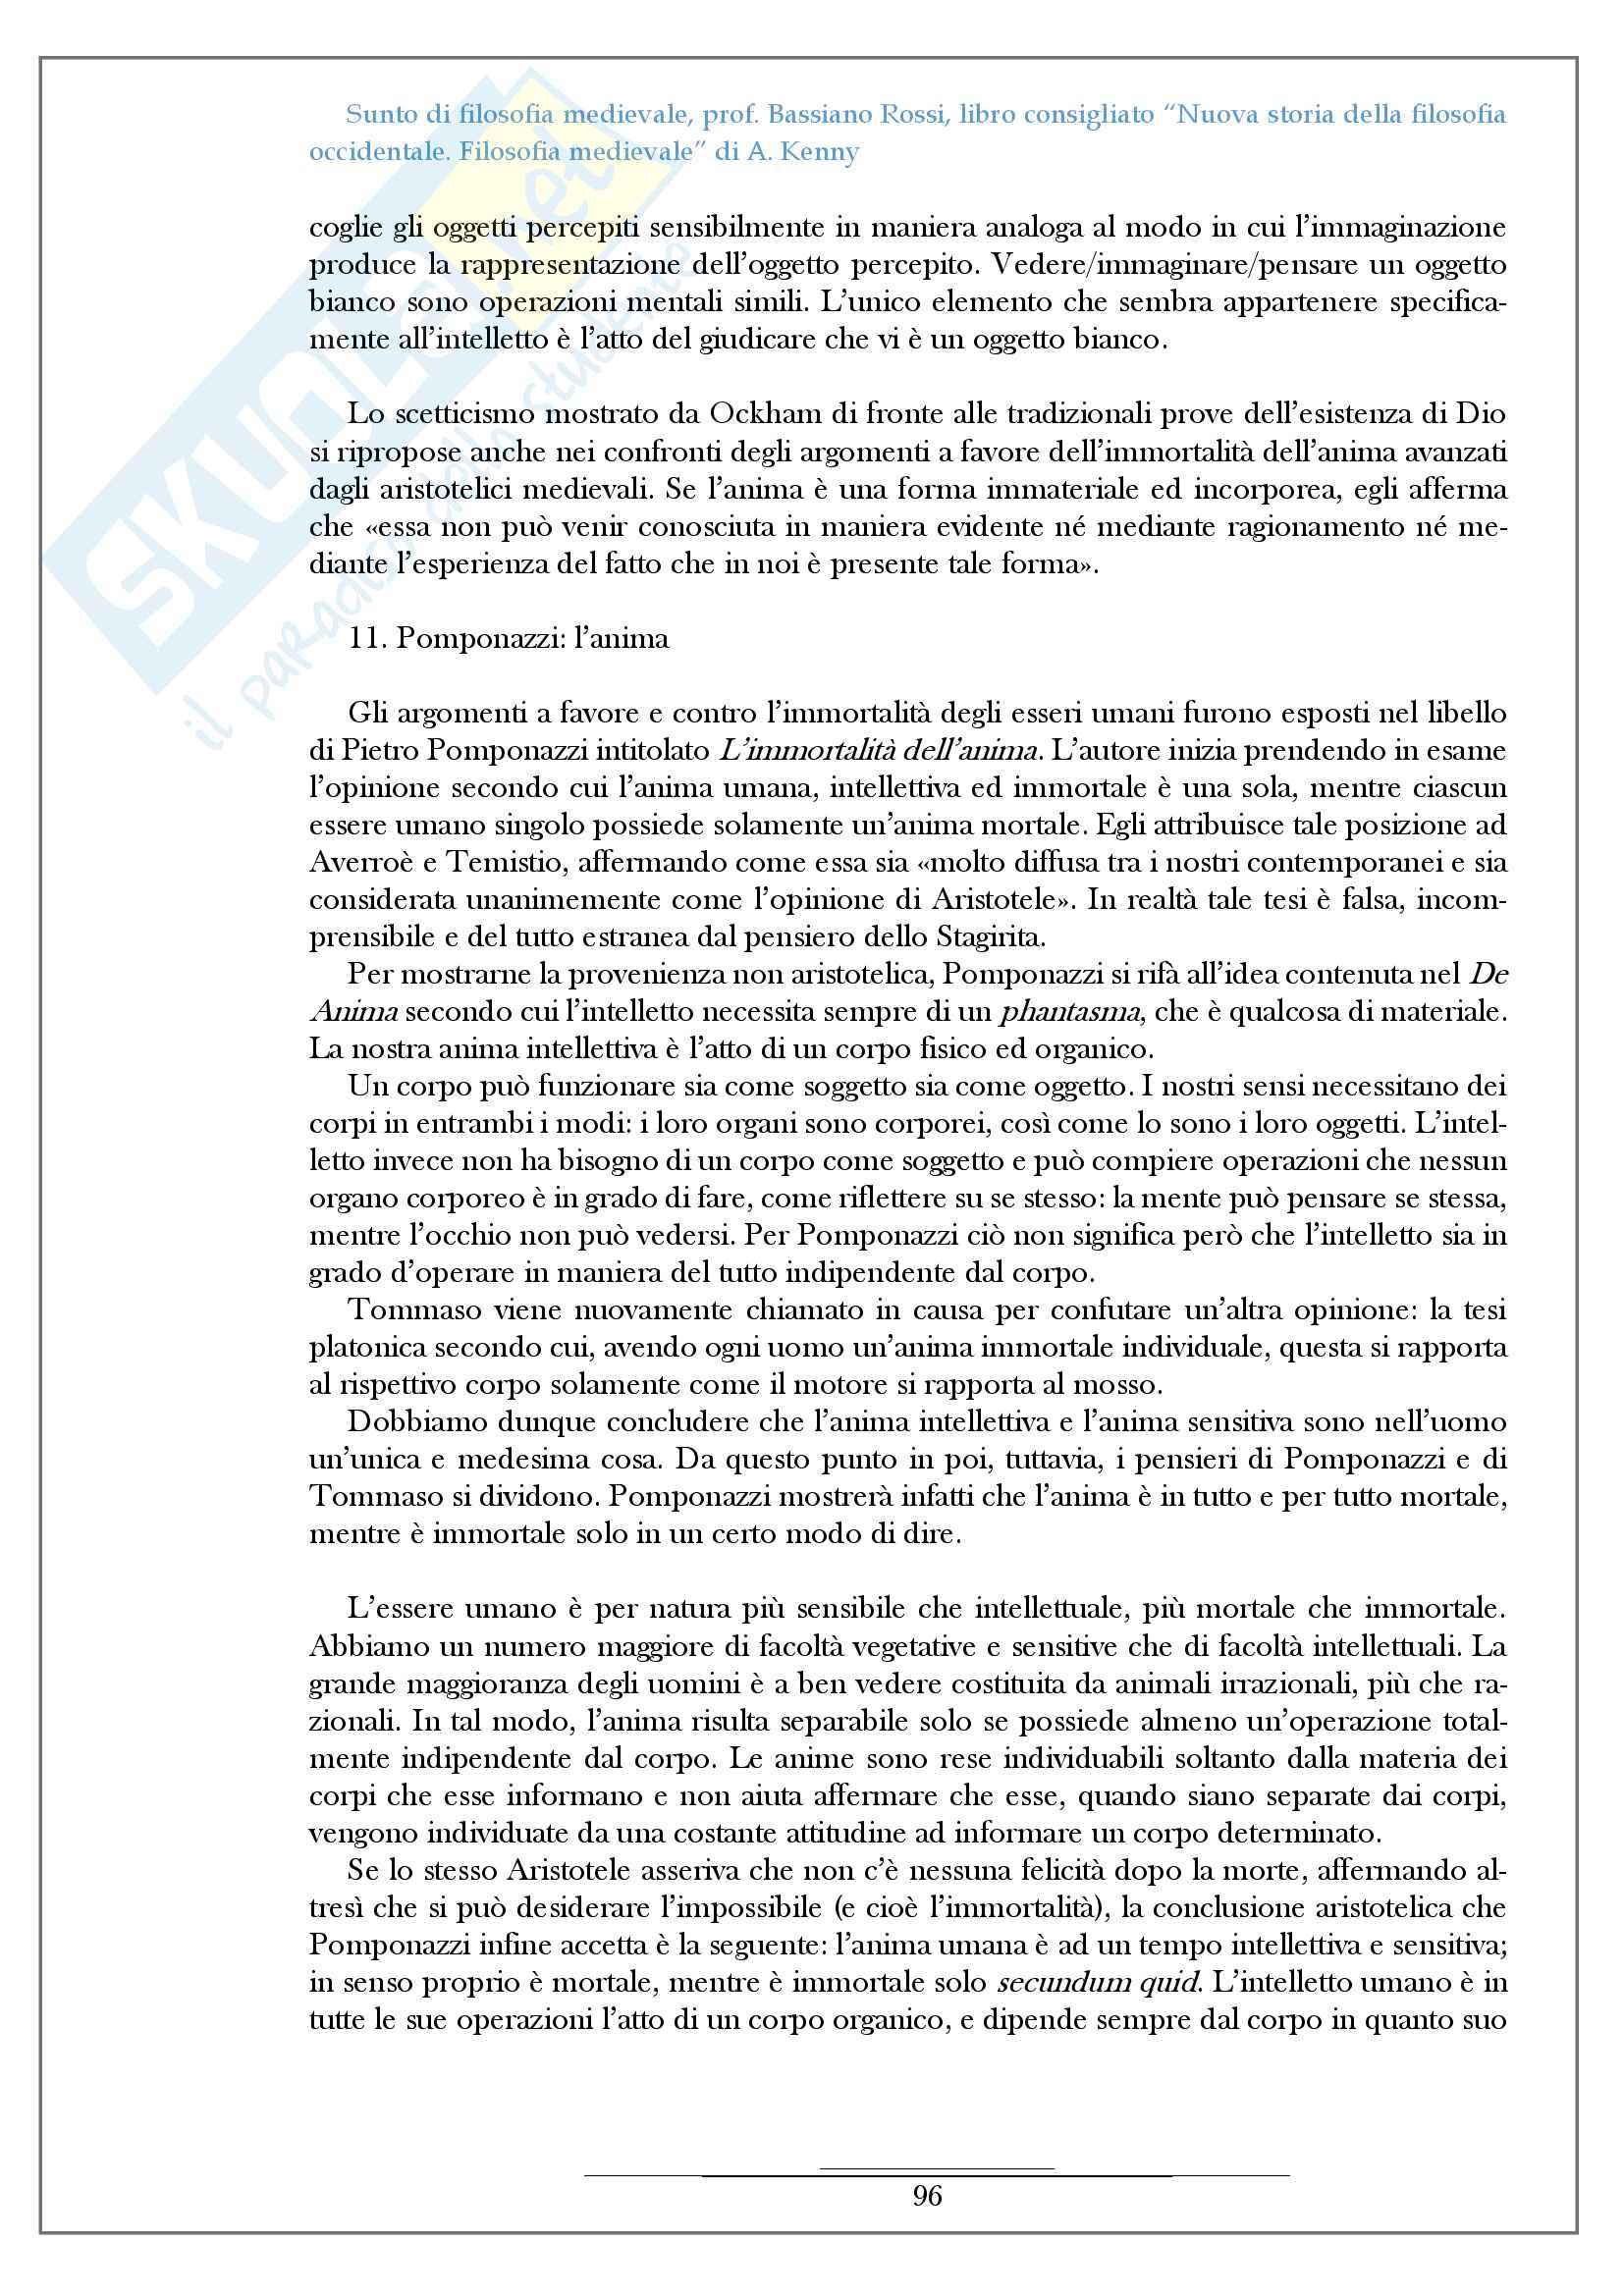 Riassunto esame filosofia medievale, prof Bassiano Rossi, libro consigliato Nuova storia della filosofia occidentale Filosofia medievale di A Kenny Pag. 96